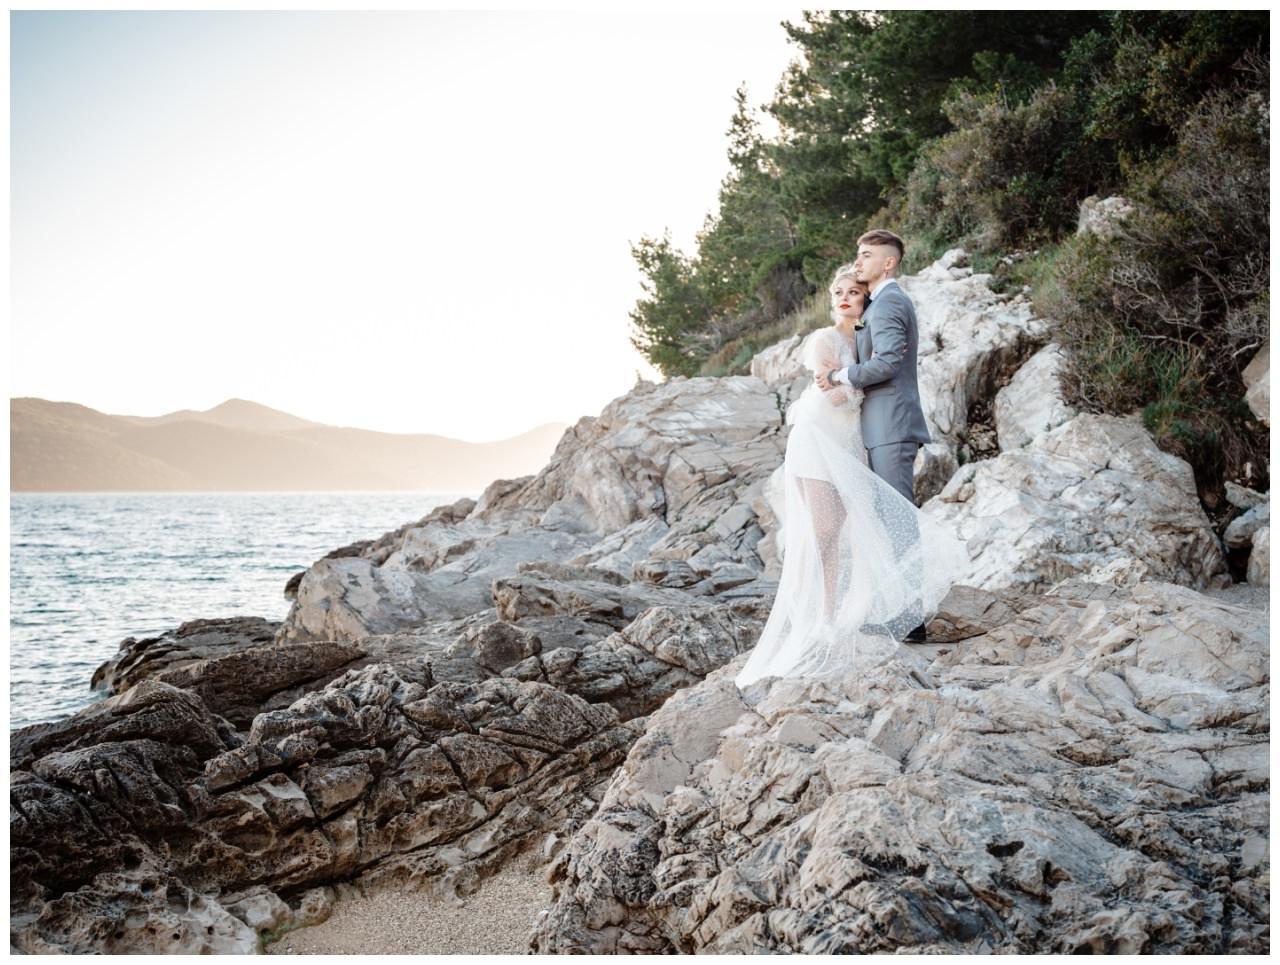 Hochzeit Strand Kroatien Hochzetsplanung Hochzeitsplaner Fotograf 16 - Kleine Hochzeit am Strand